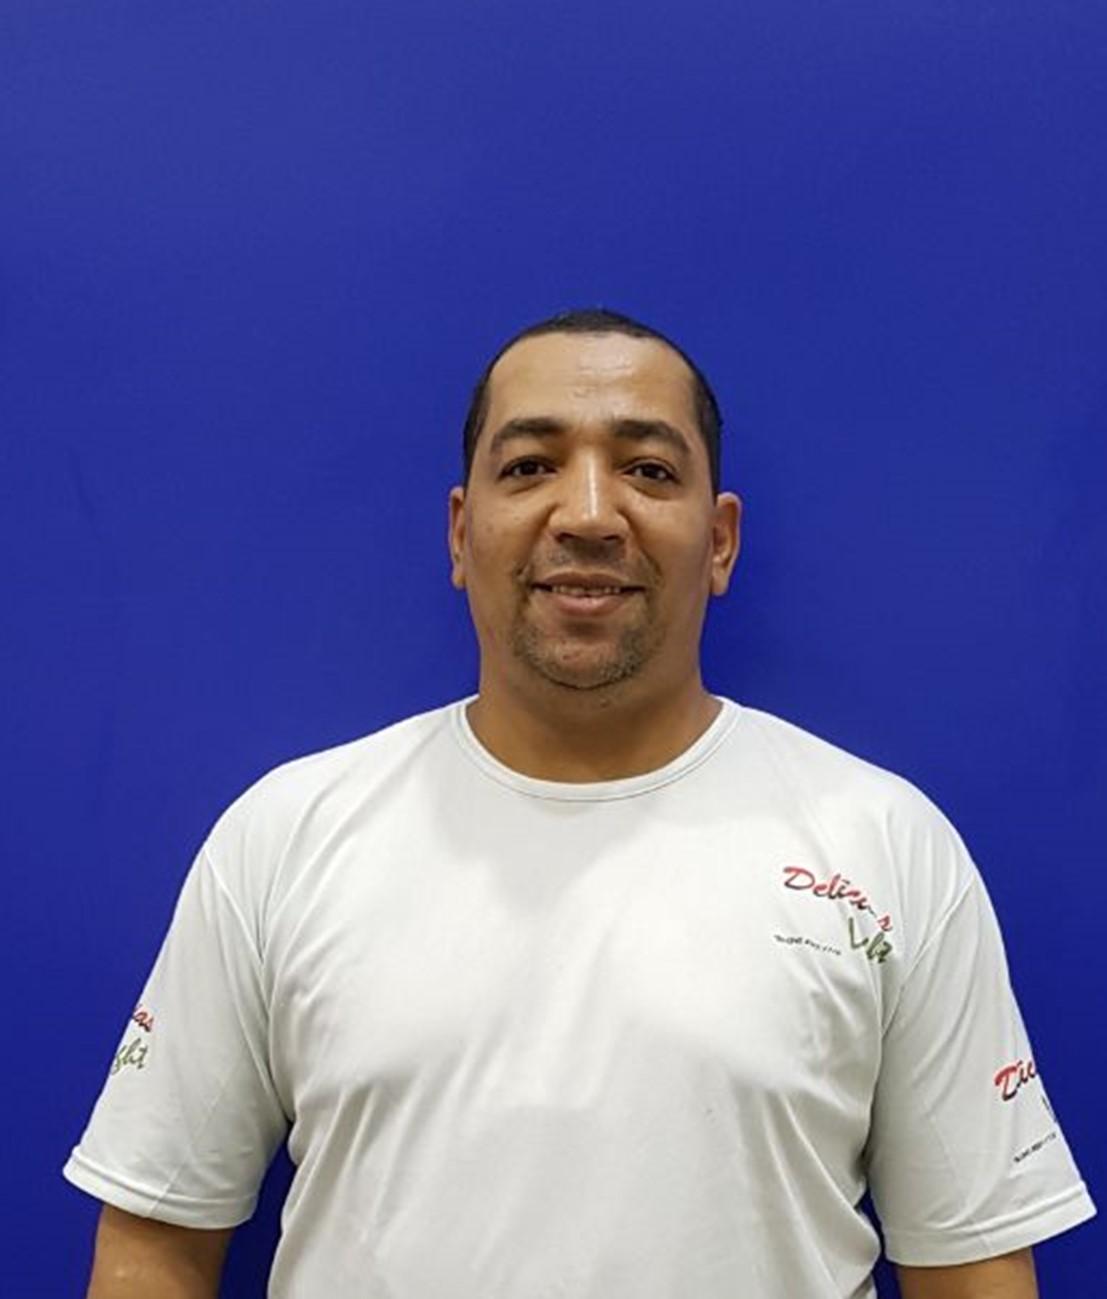 Maurício Vieira dos Santos